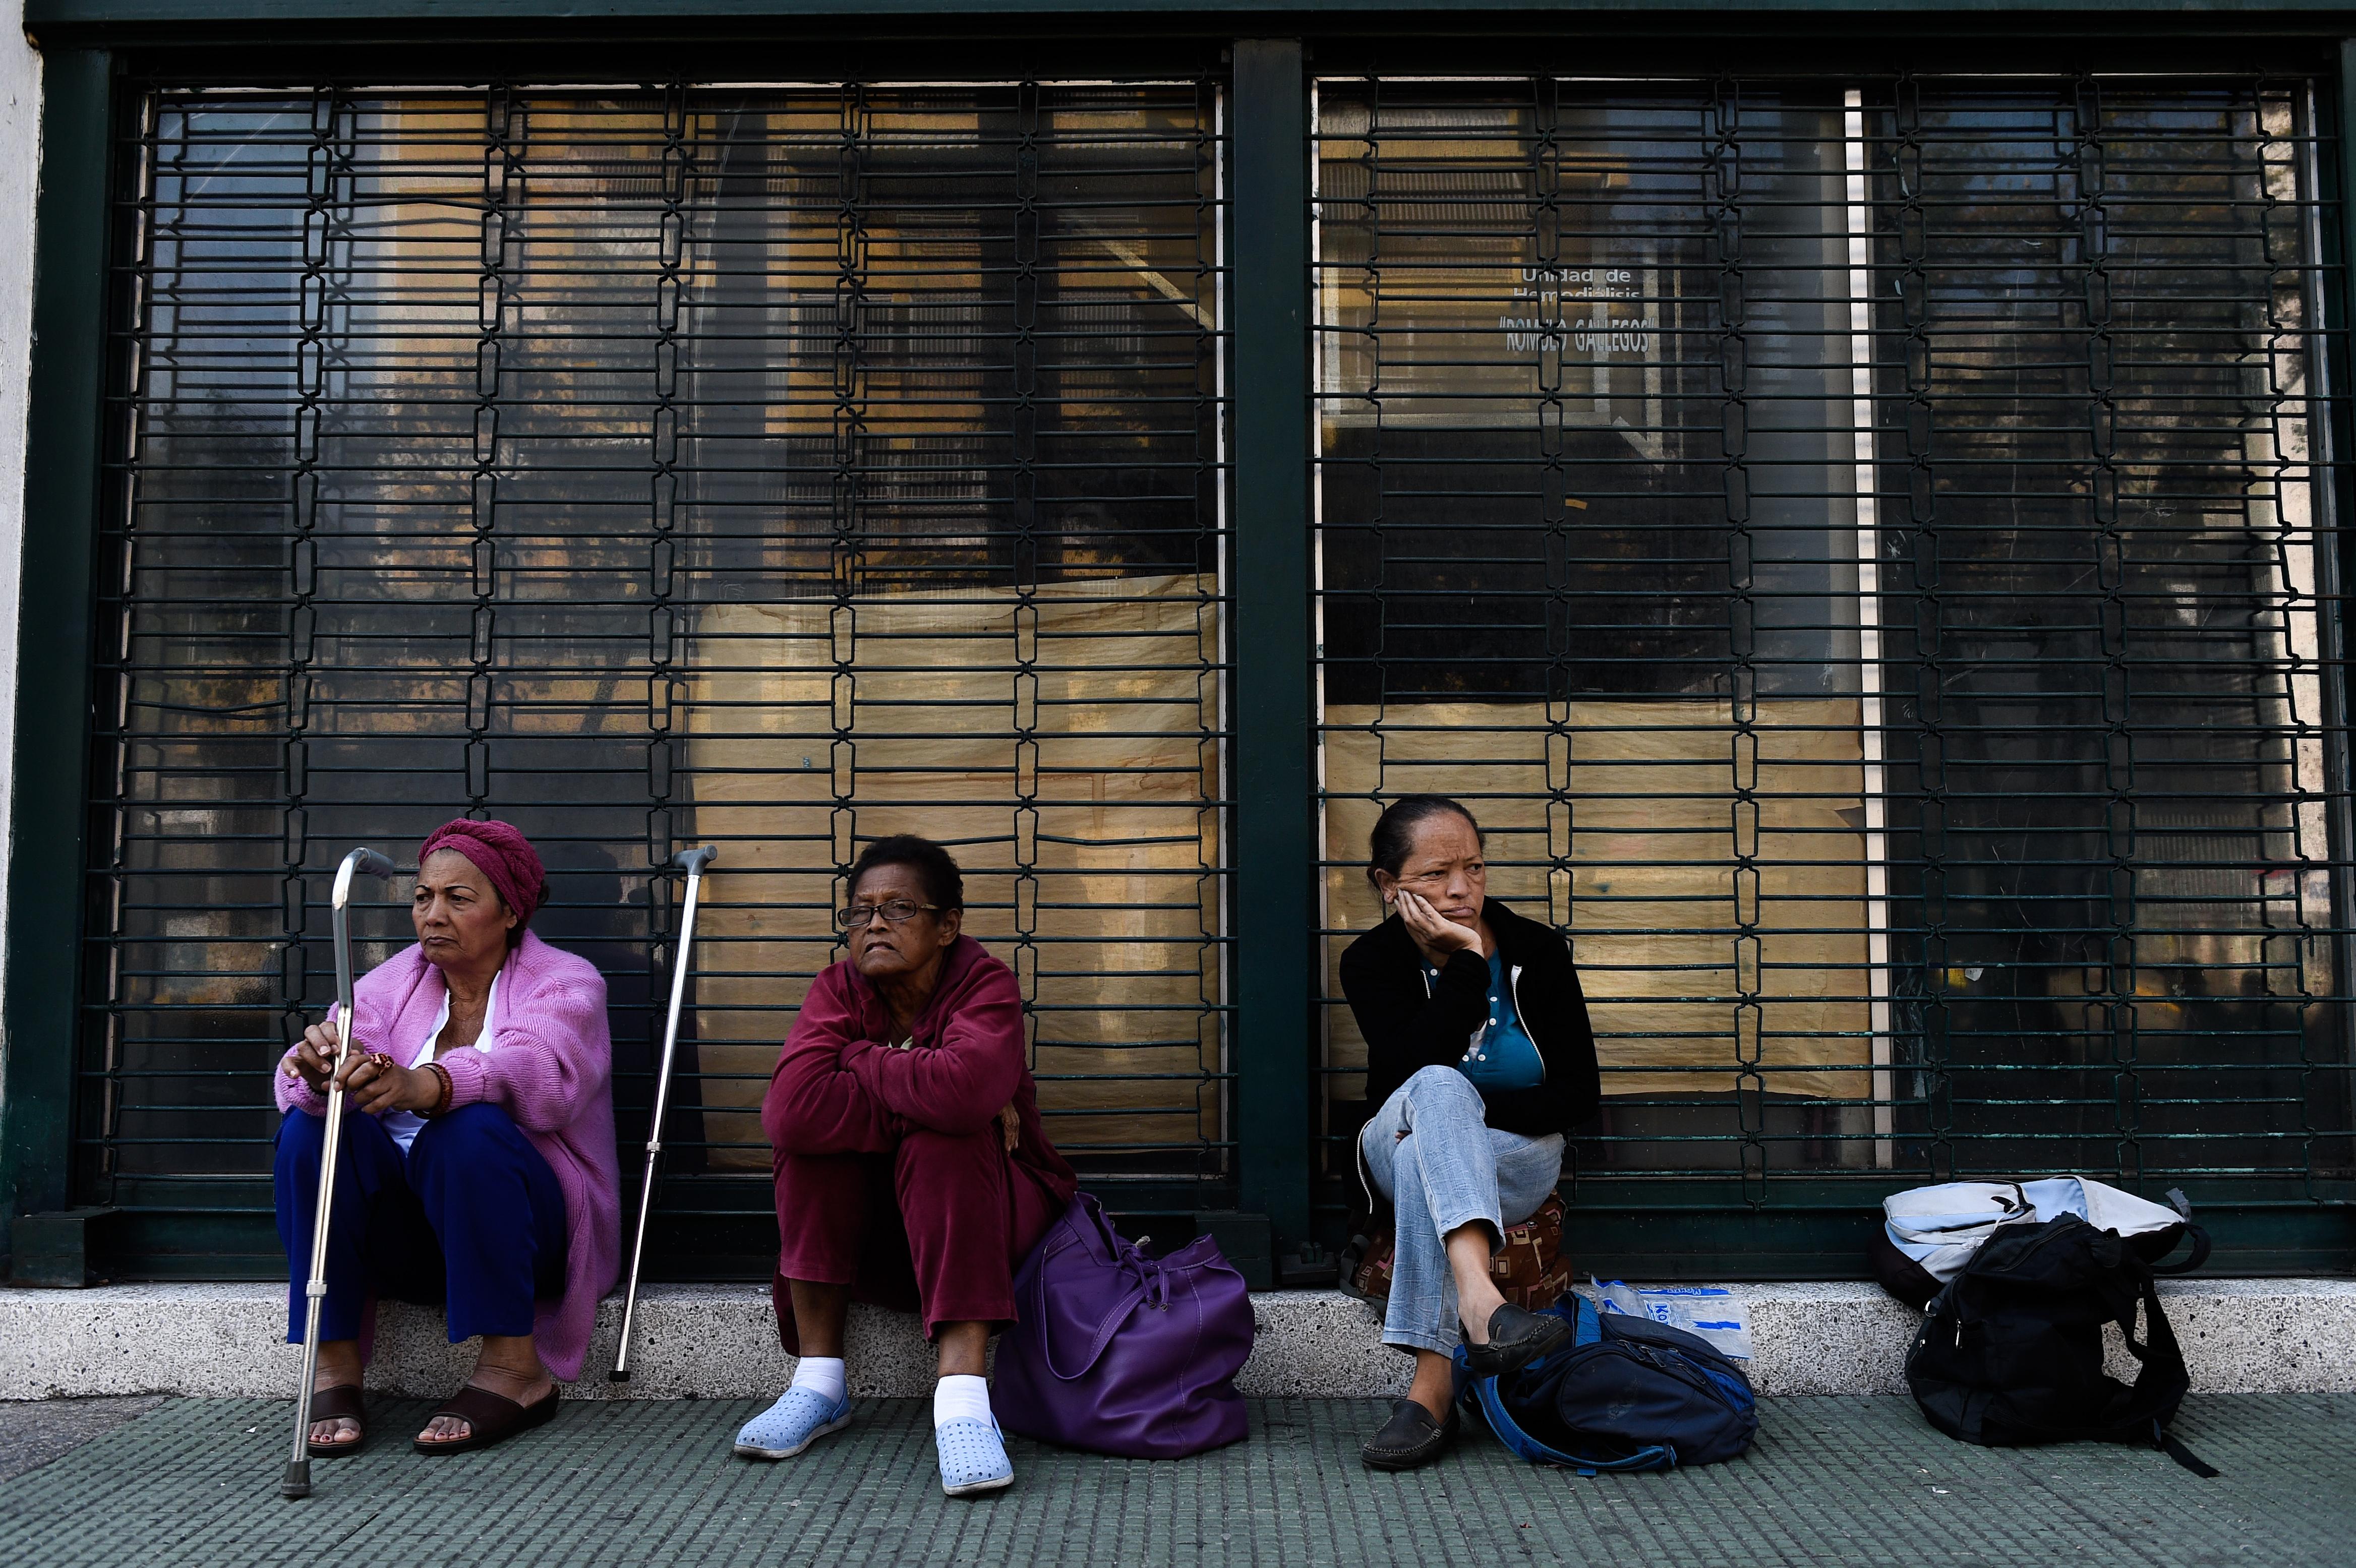 Pacientes de tratamientos de diálisis fuera de una clínica cerrada   Federico Parra   Agence France-Presse